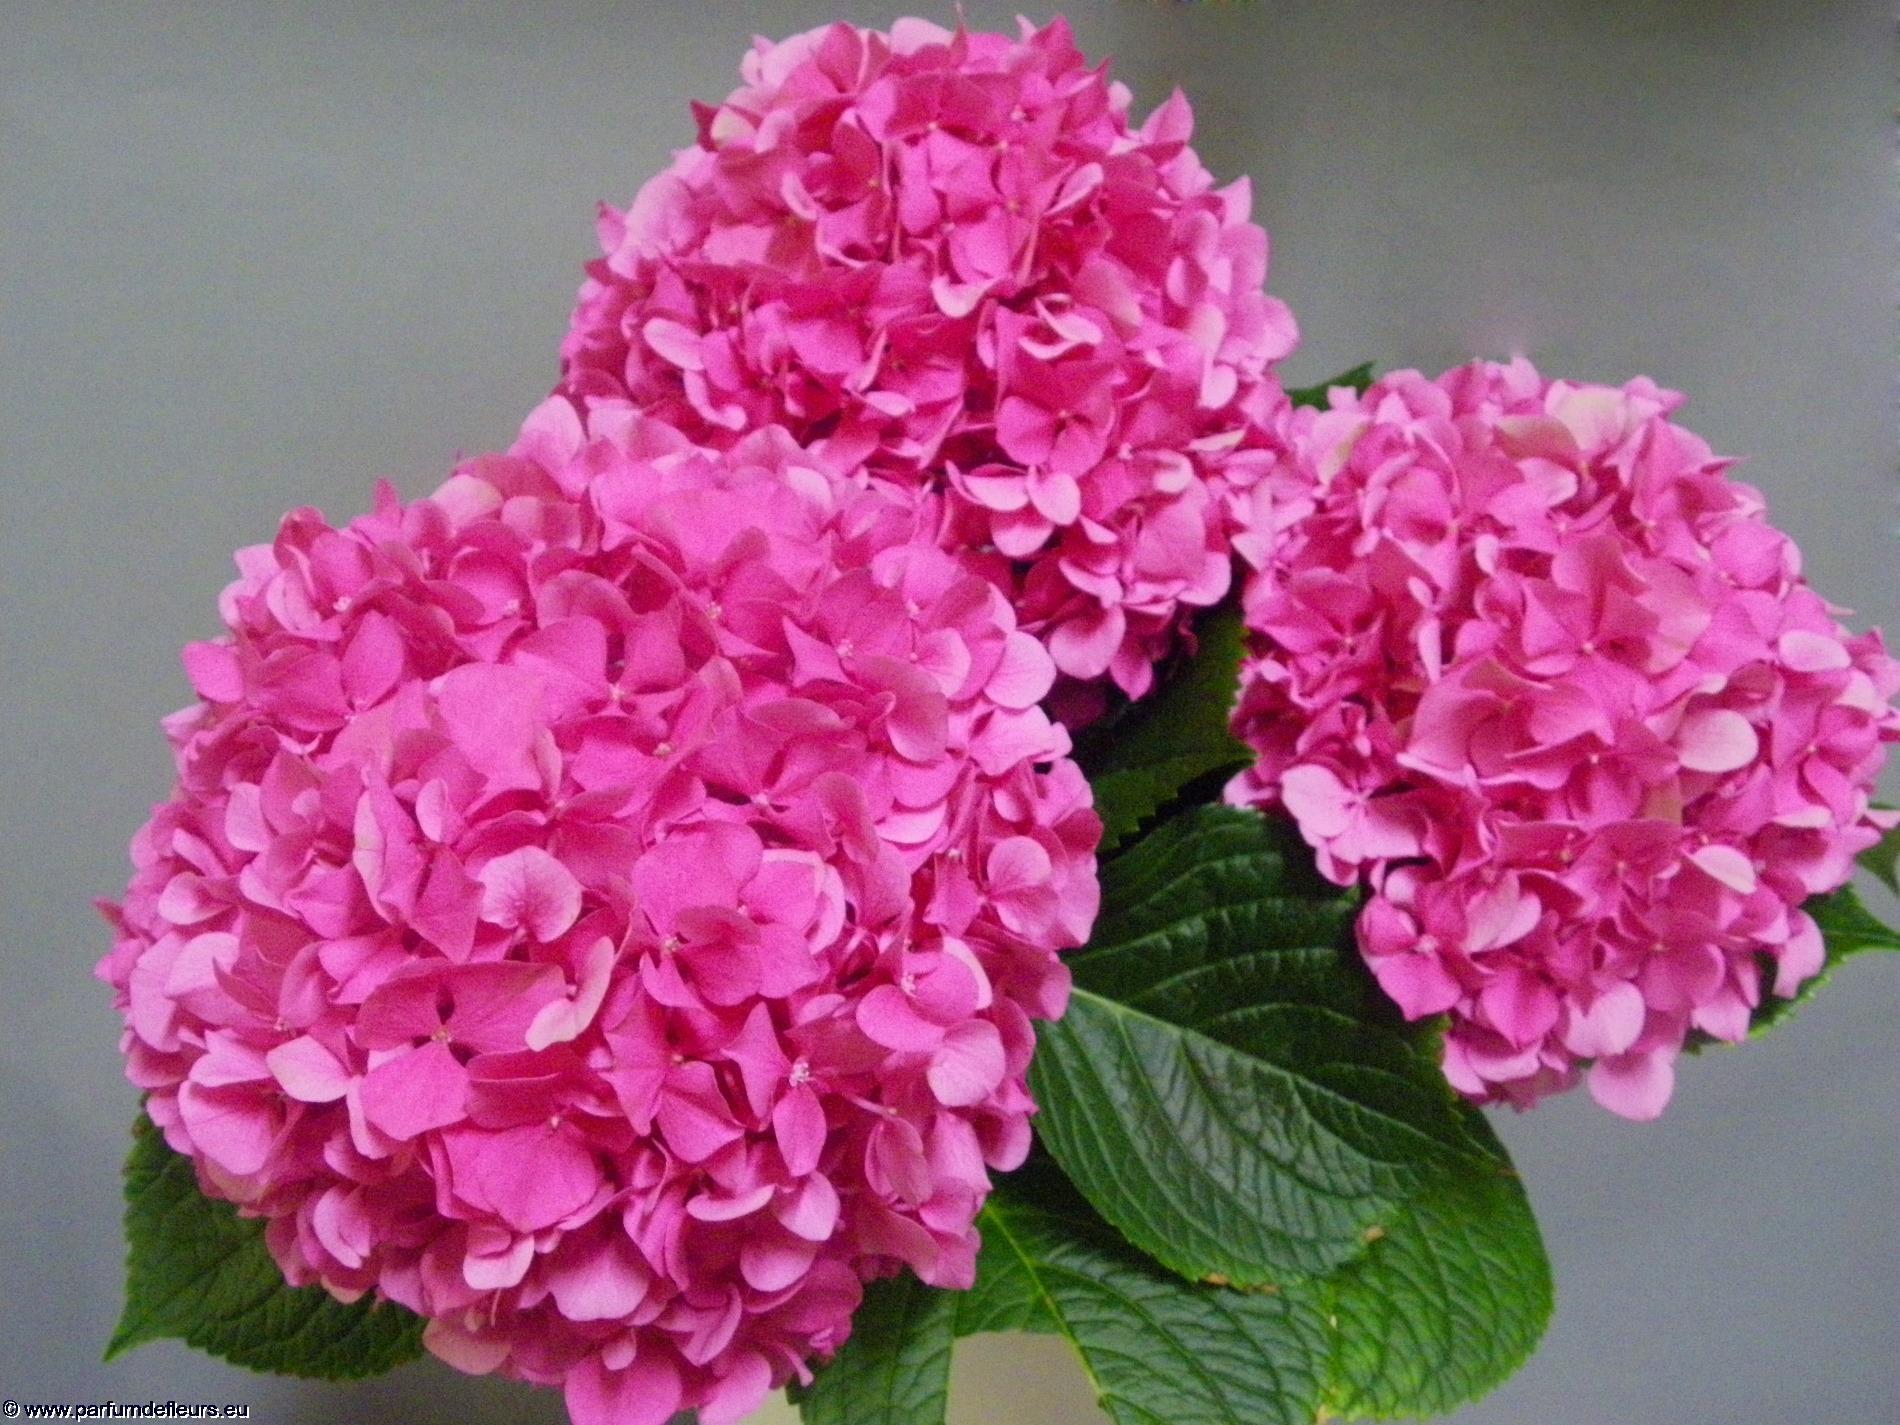 offrir-des-fleurs_fonds-ecran_04